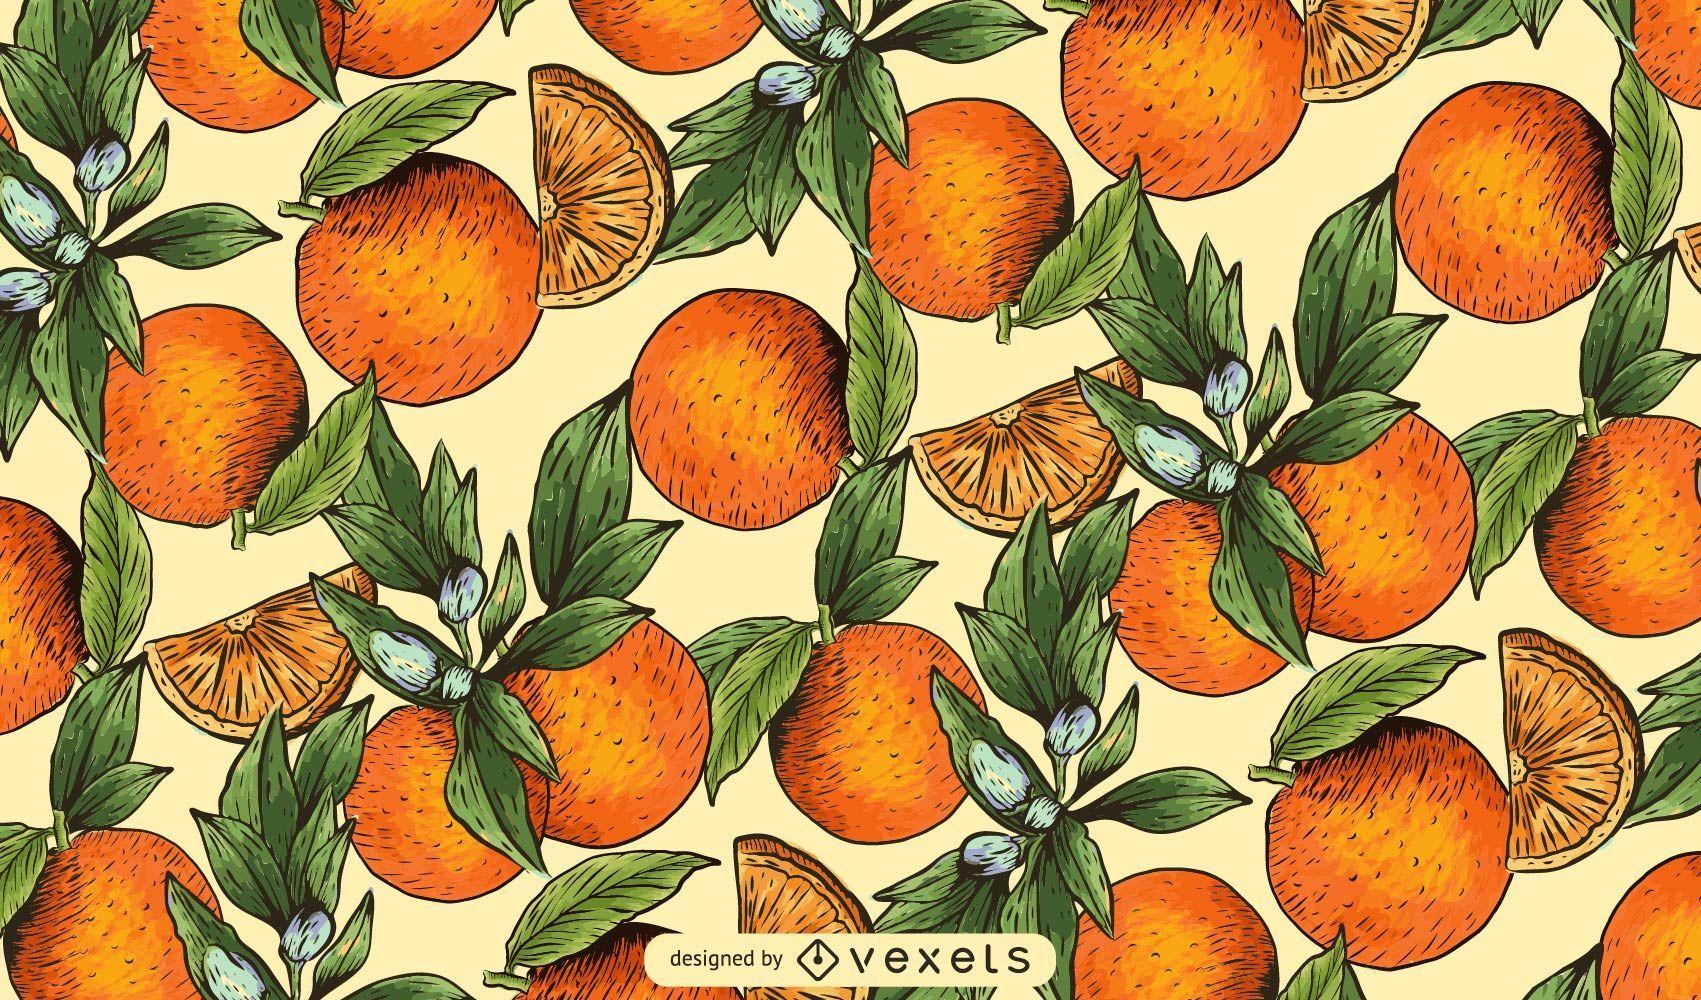 Hand drawn oranges pattern